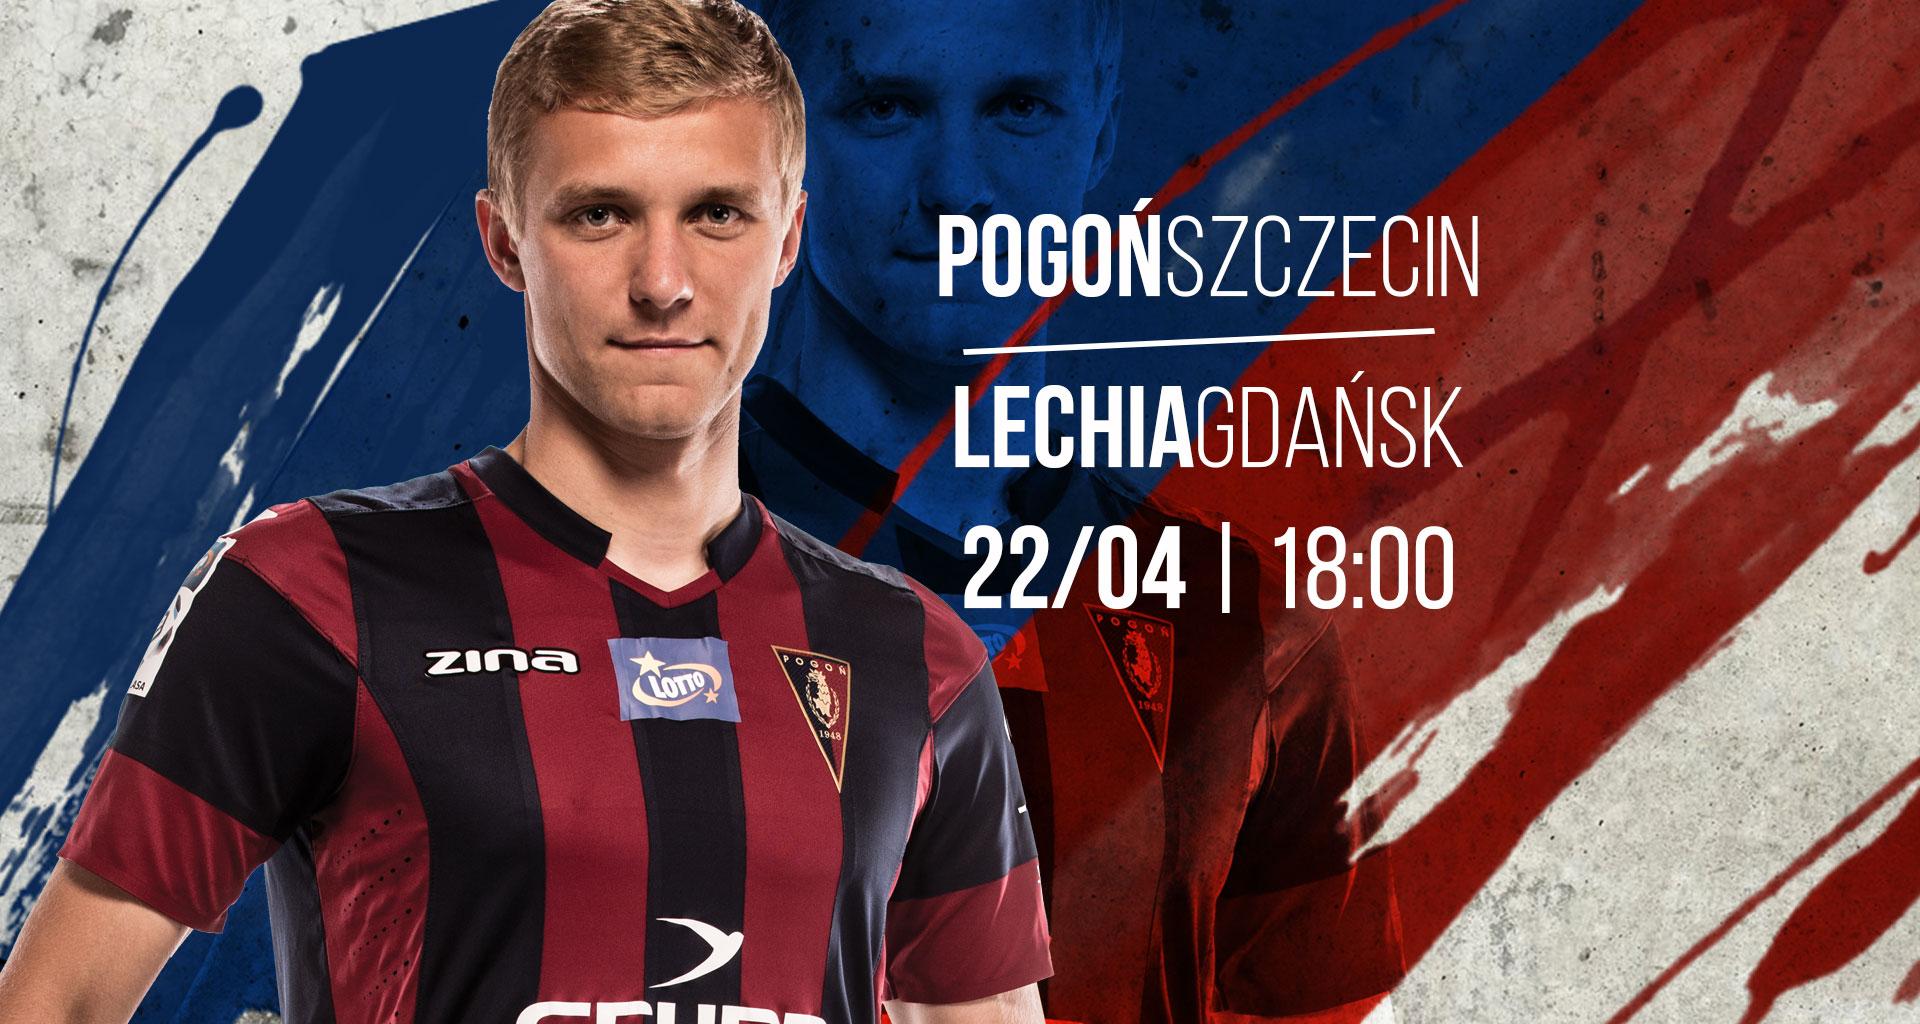 Mecz Pogoń Szczecin - Lechia Gdańsk